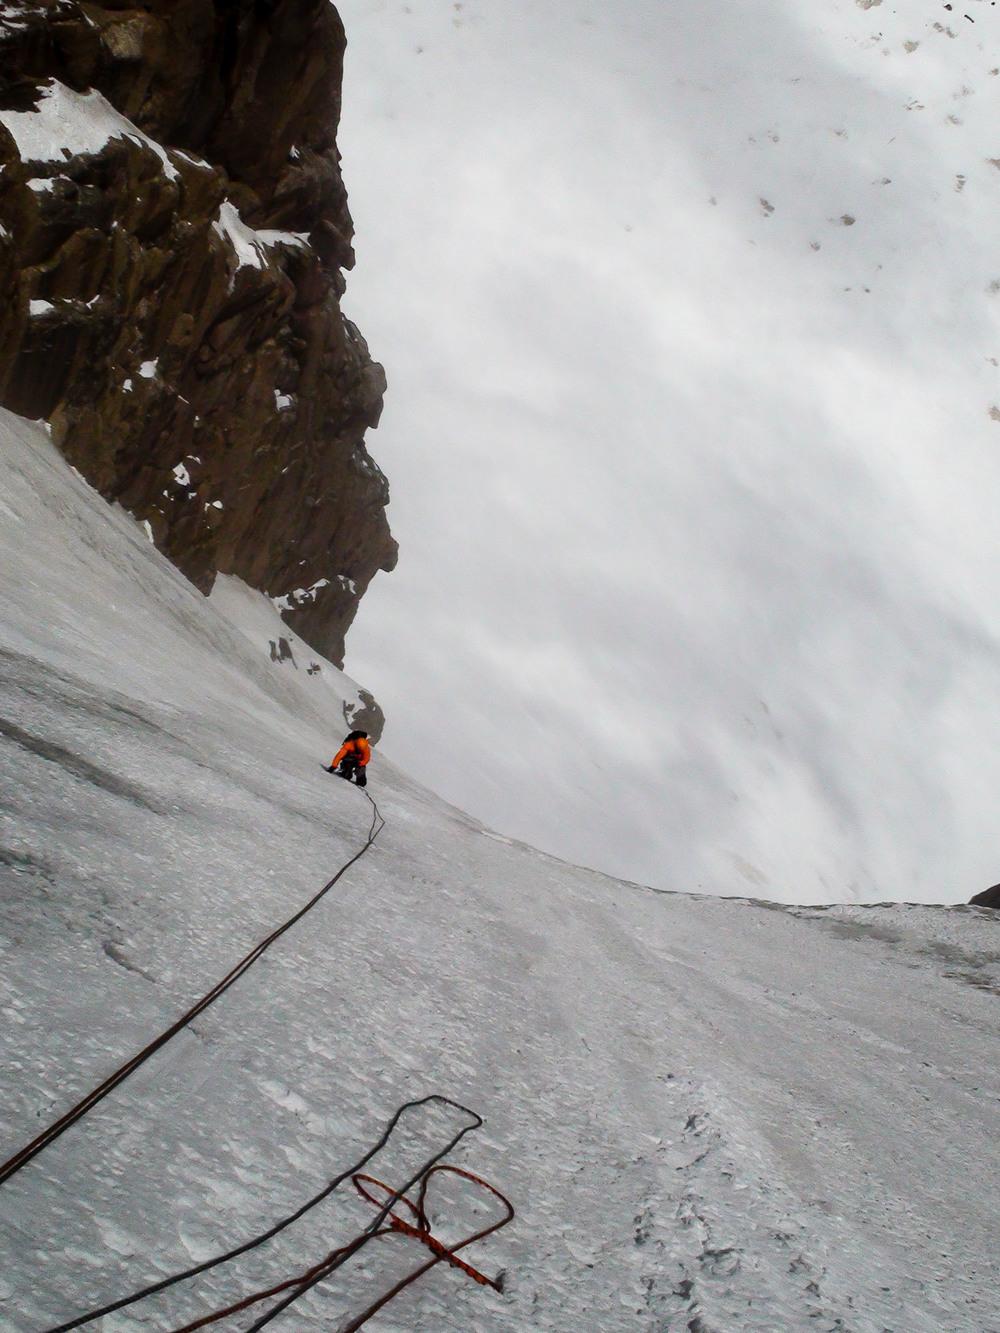 V neizprosno trdem ledu so nama meča na nogah dobesedno gorela!